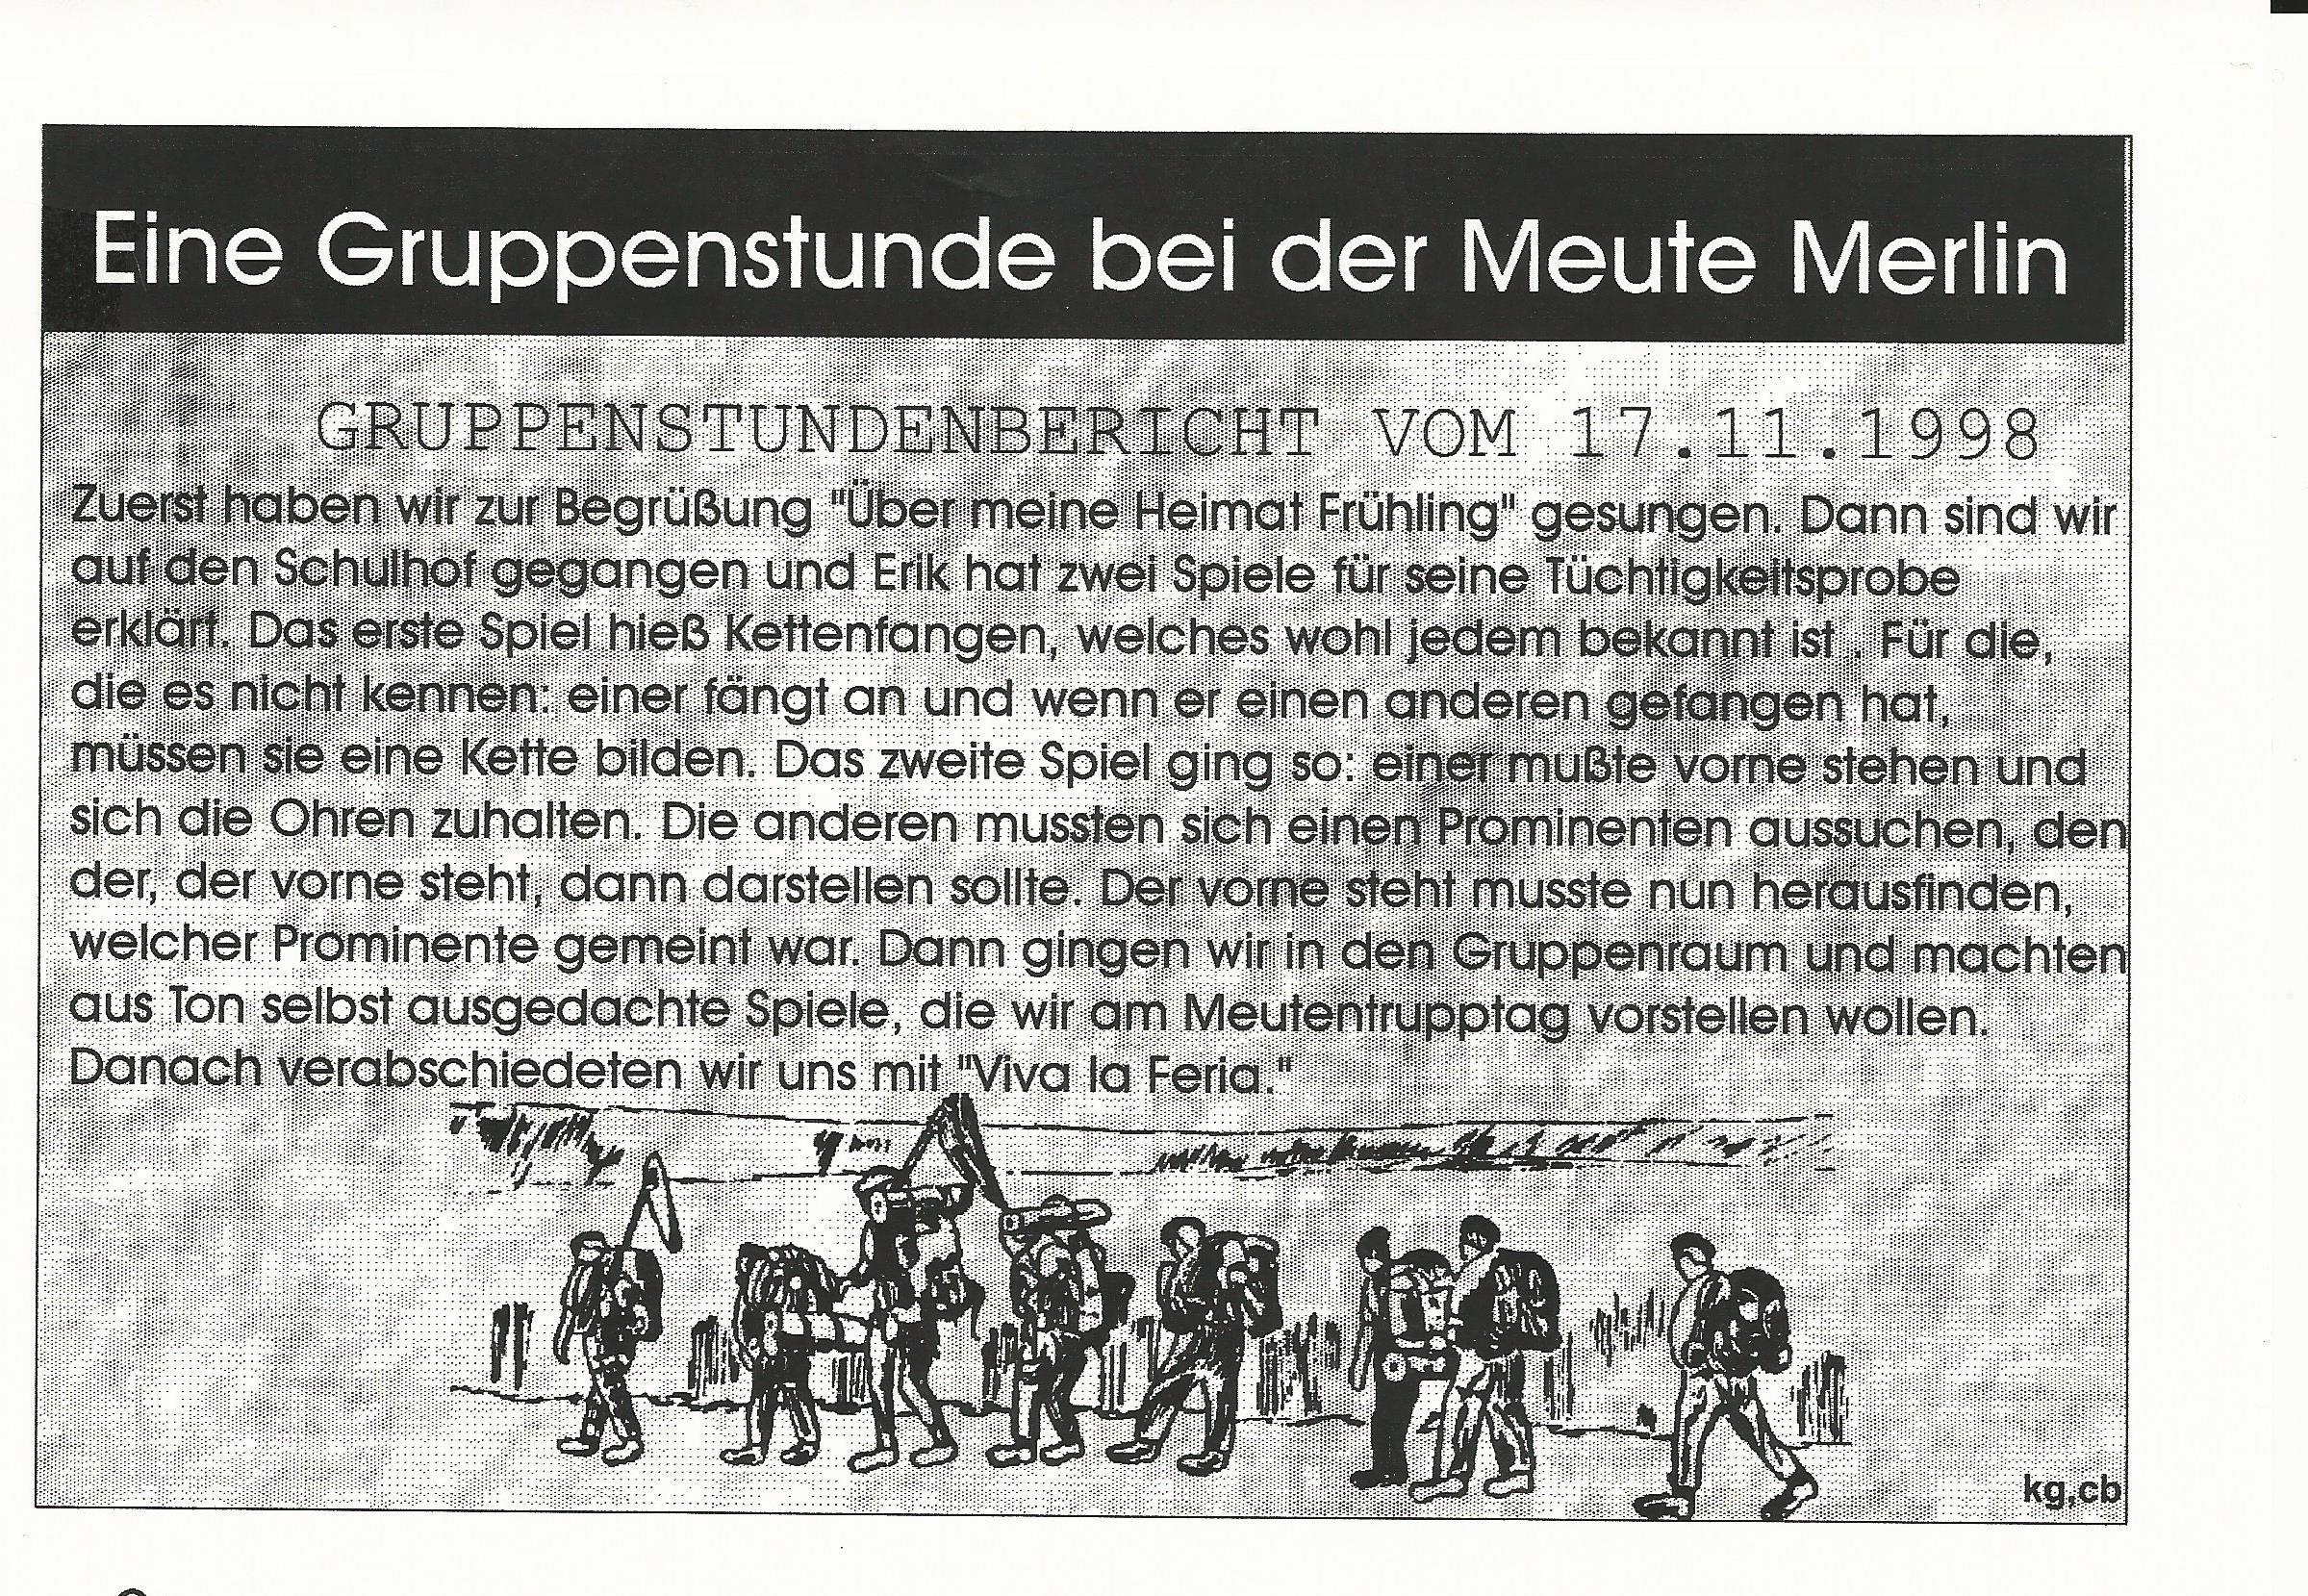 Merlin Gruppenstunde 1998